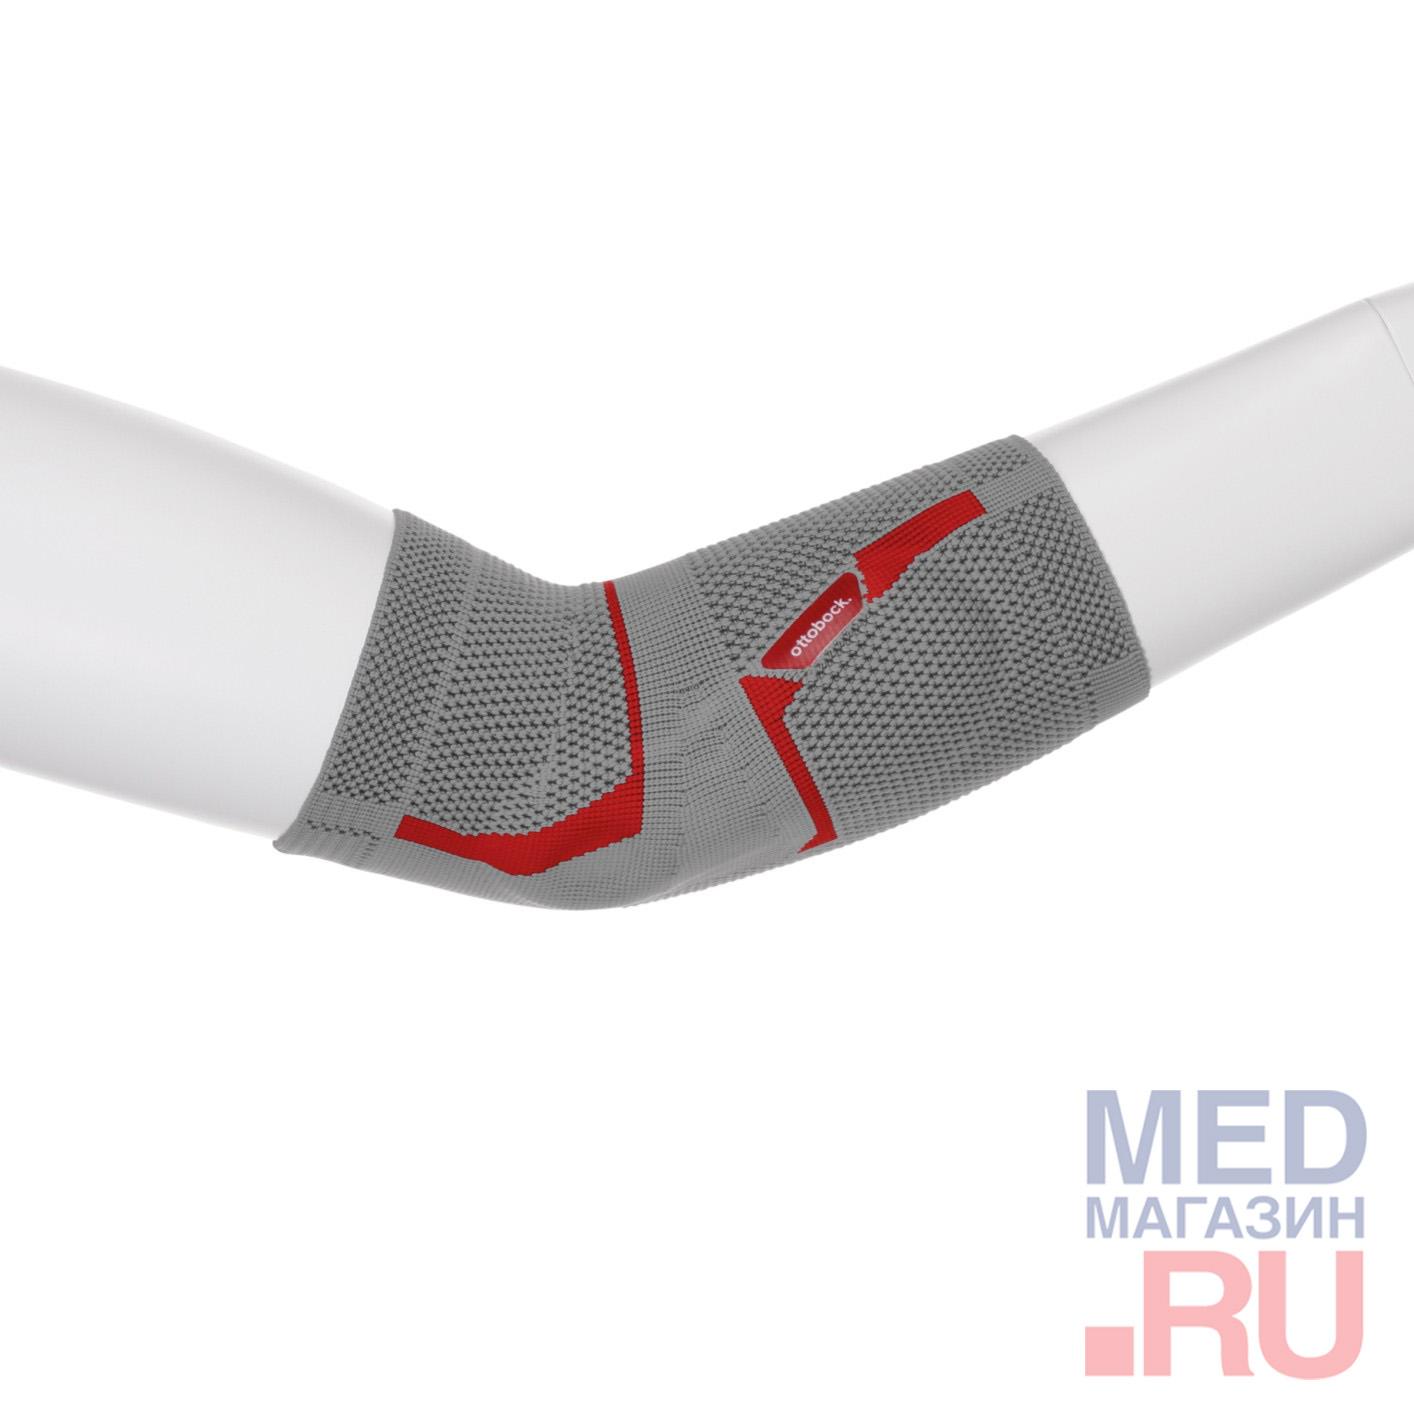 50A7 Локтевой ортопедический бандаж Epi Sensa